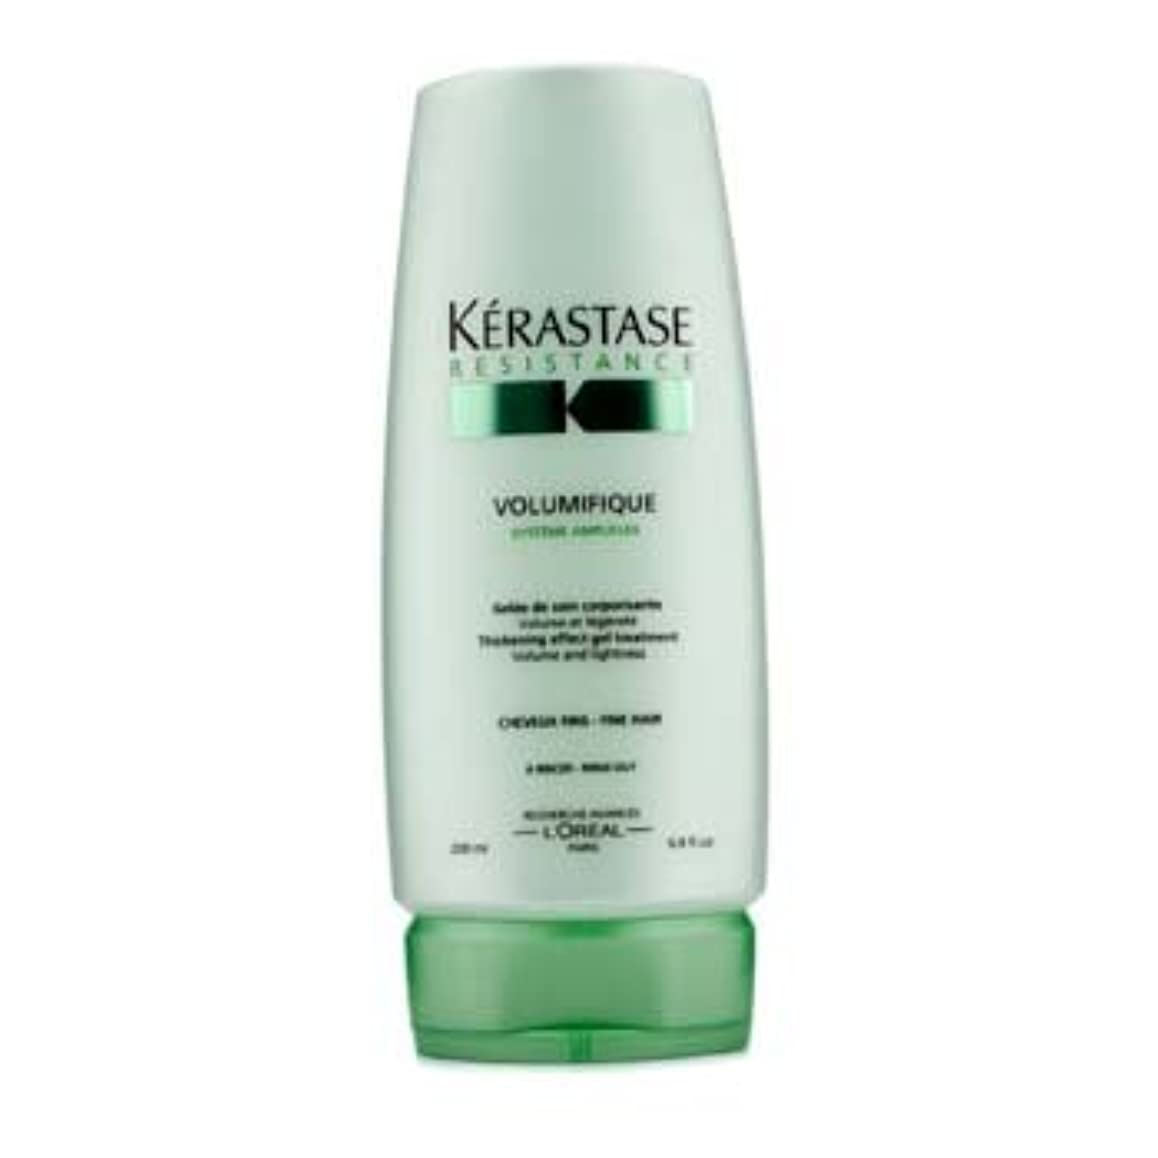 アソシエイトビザコンバーチブルケラスターゼ Resistance Volumifique Thickening Effect Gel Treatment (For Fine Hair) 200ml/6.8oz並行輸入品